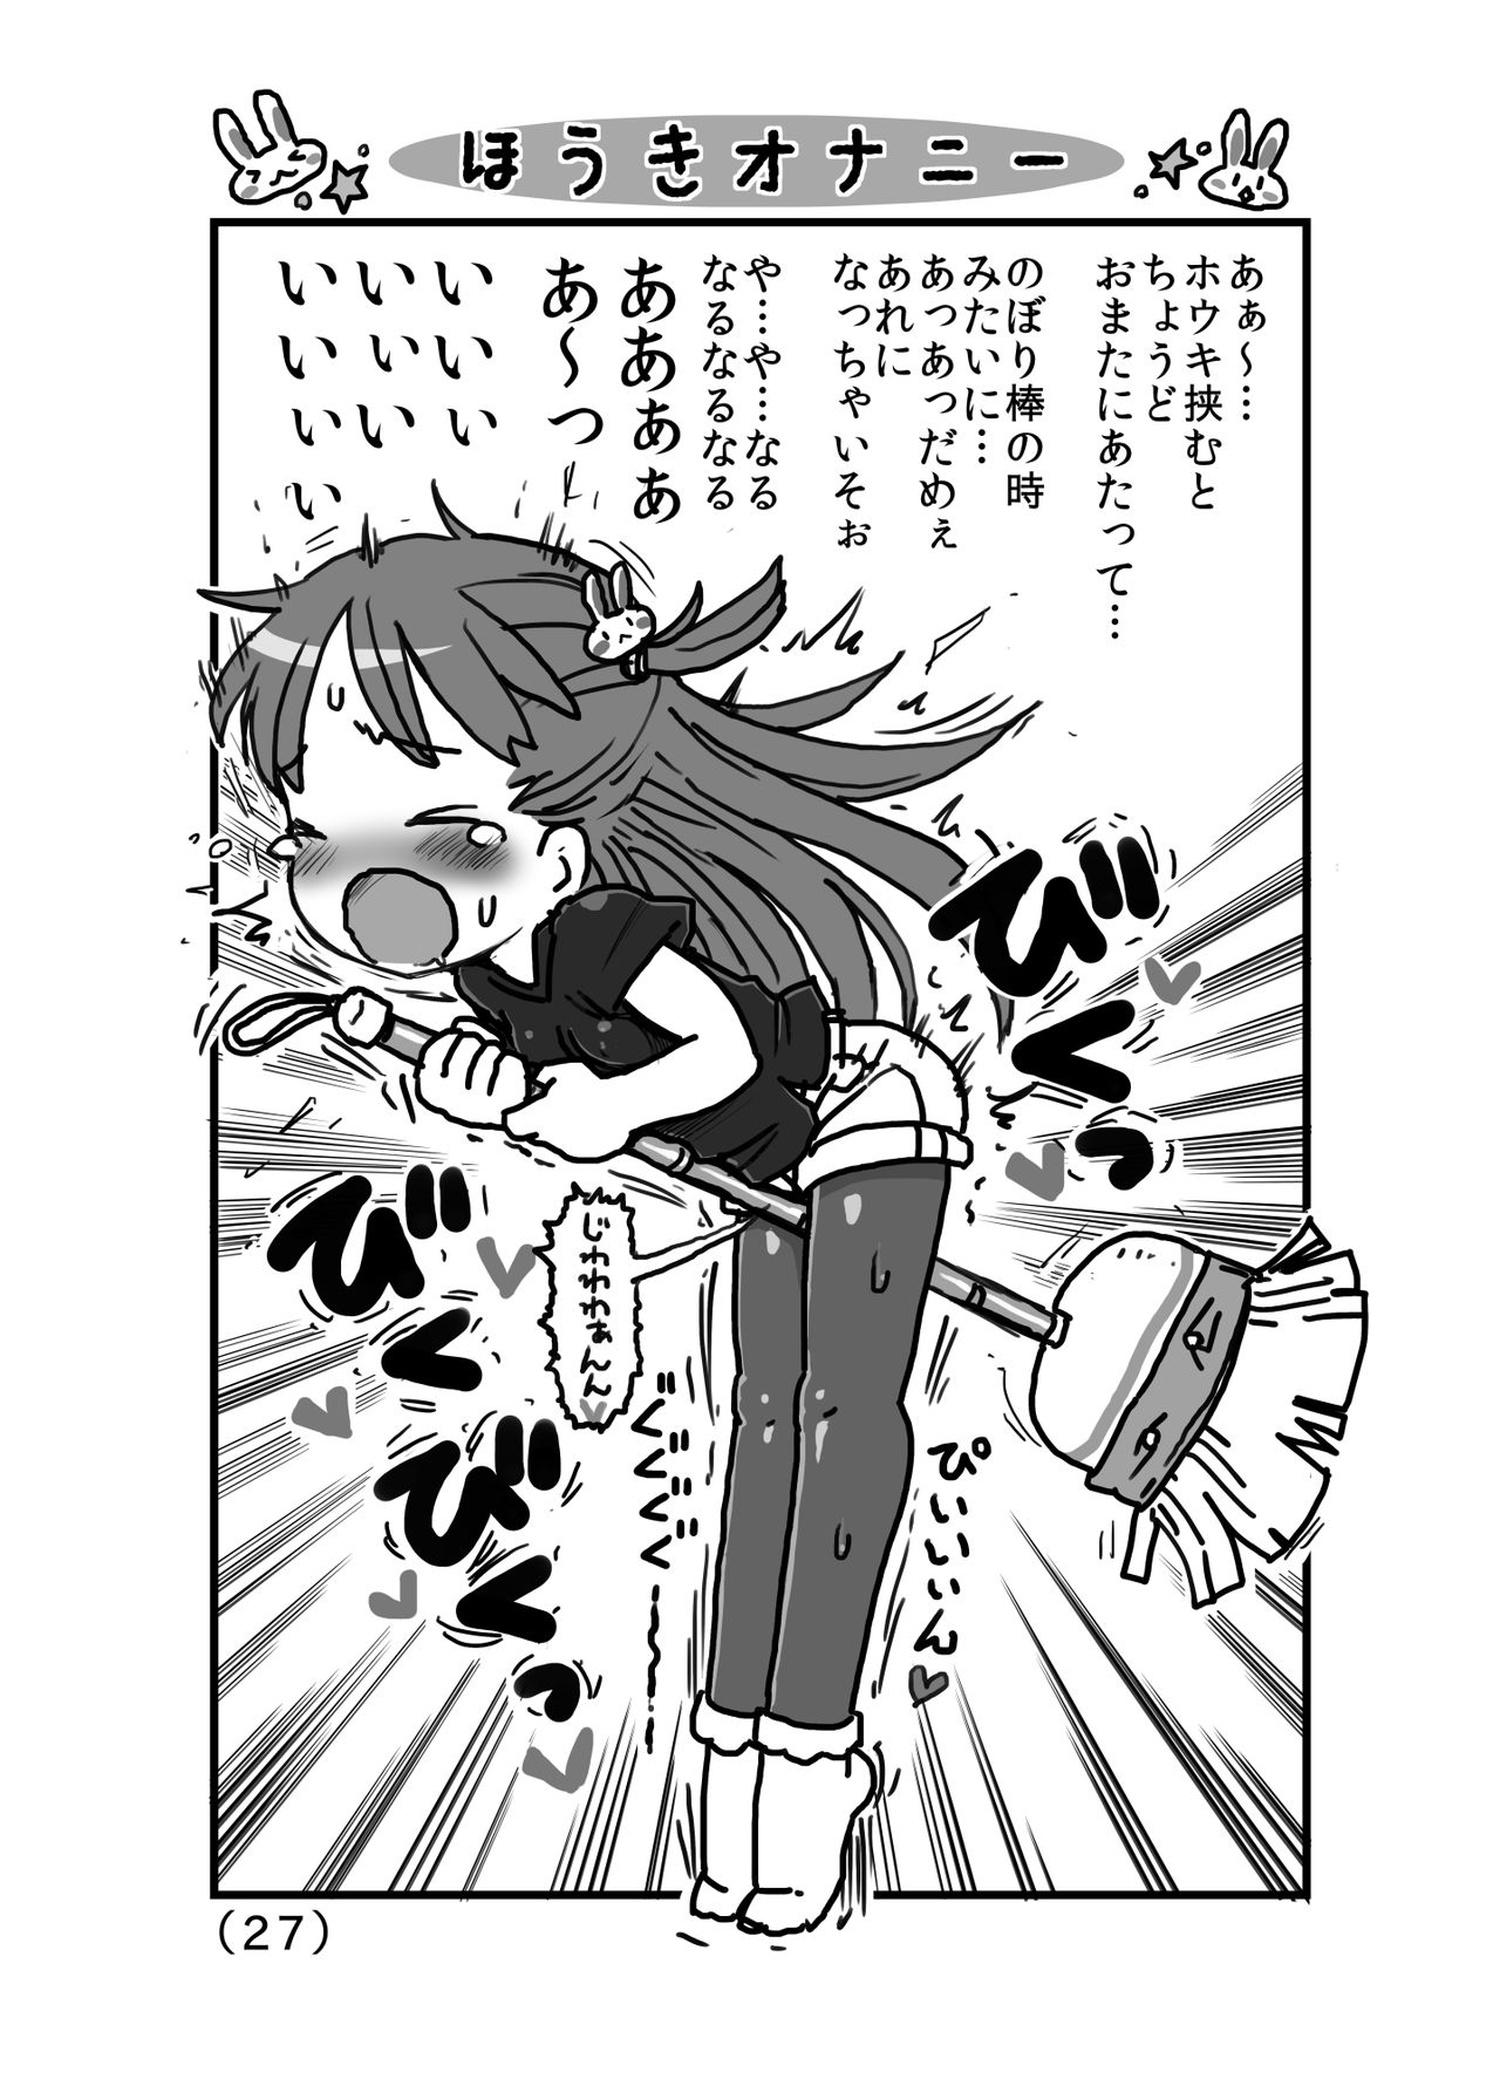 【エロ漫画・エロ同人】偶然乳首とクリトリスの気持ちよさに気づいた幼女が角にハマって学校でも押し当ててオナニーwwww (28)